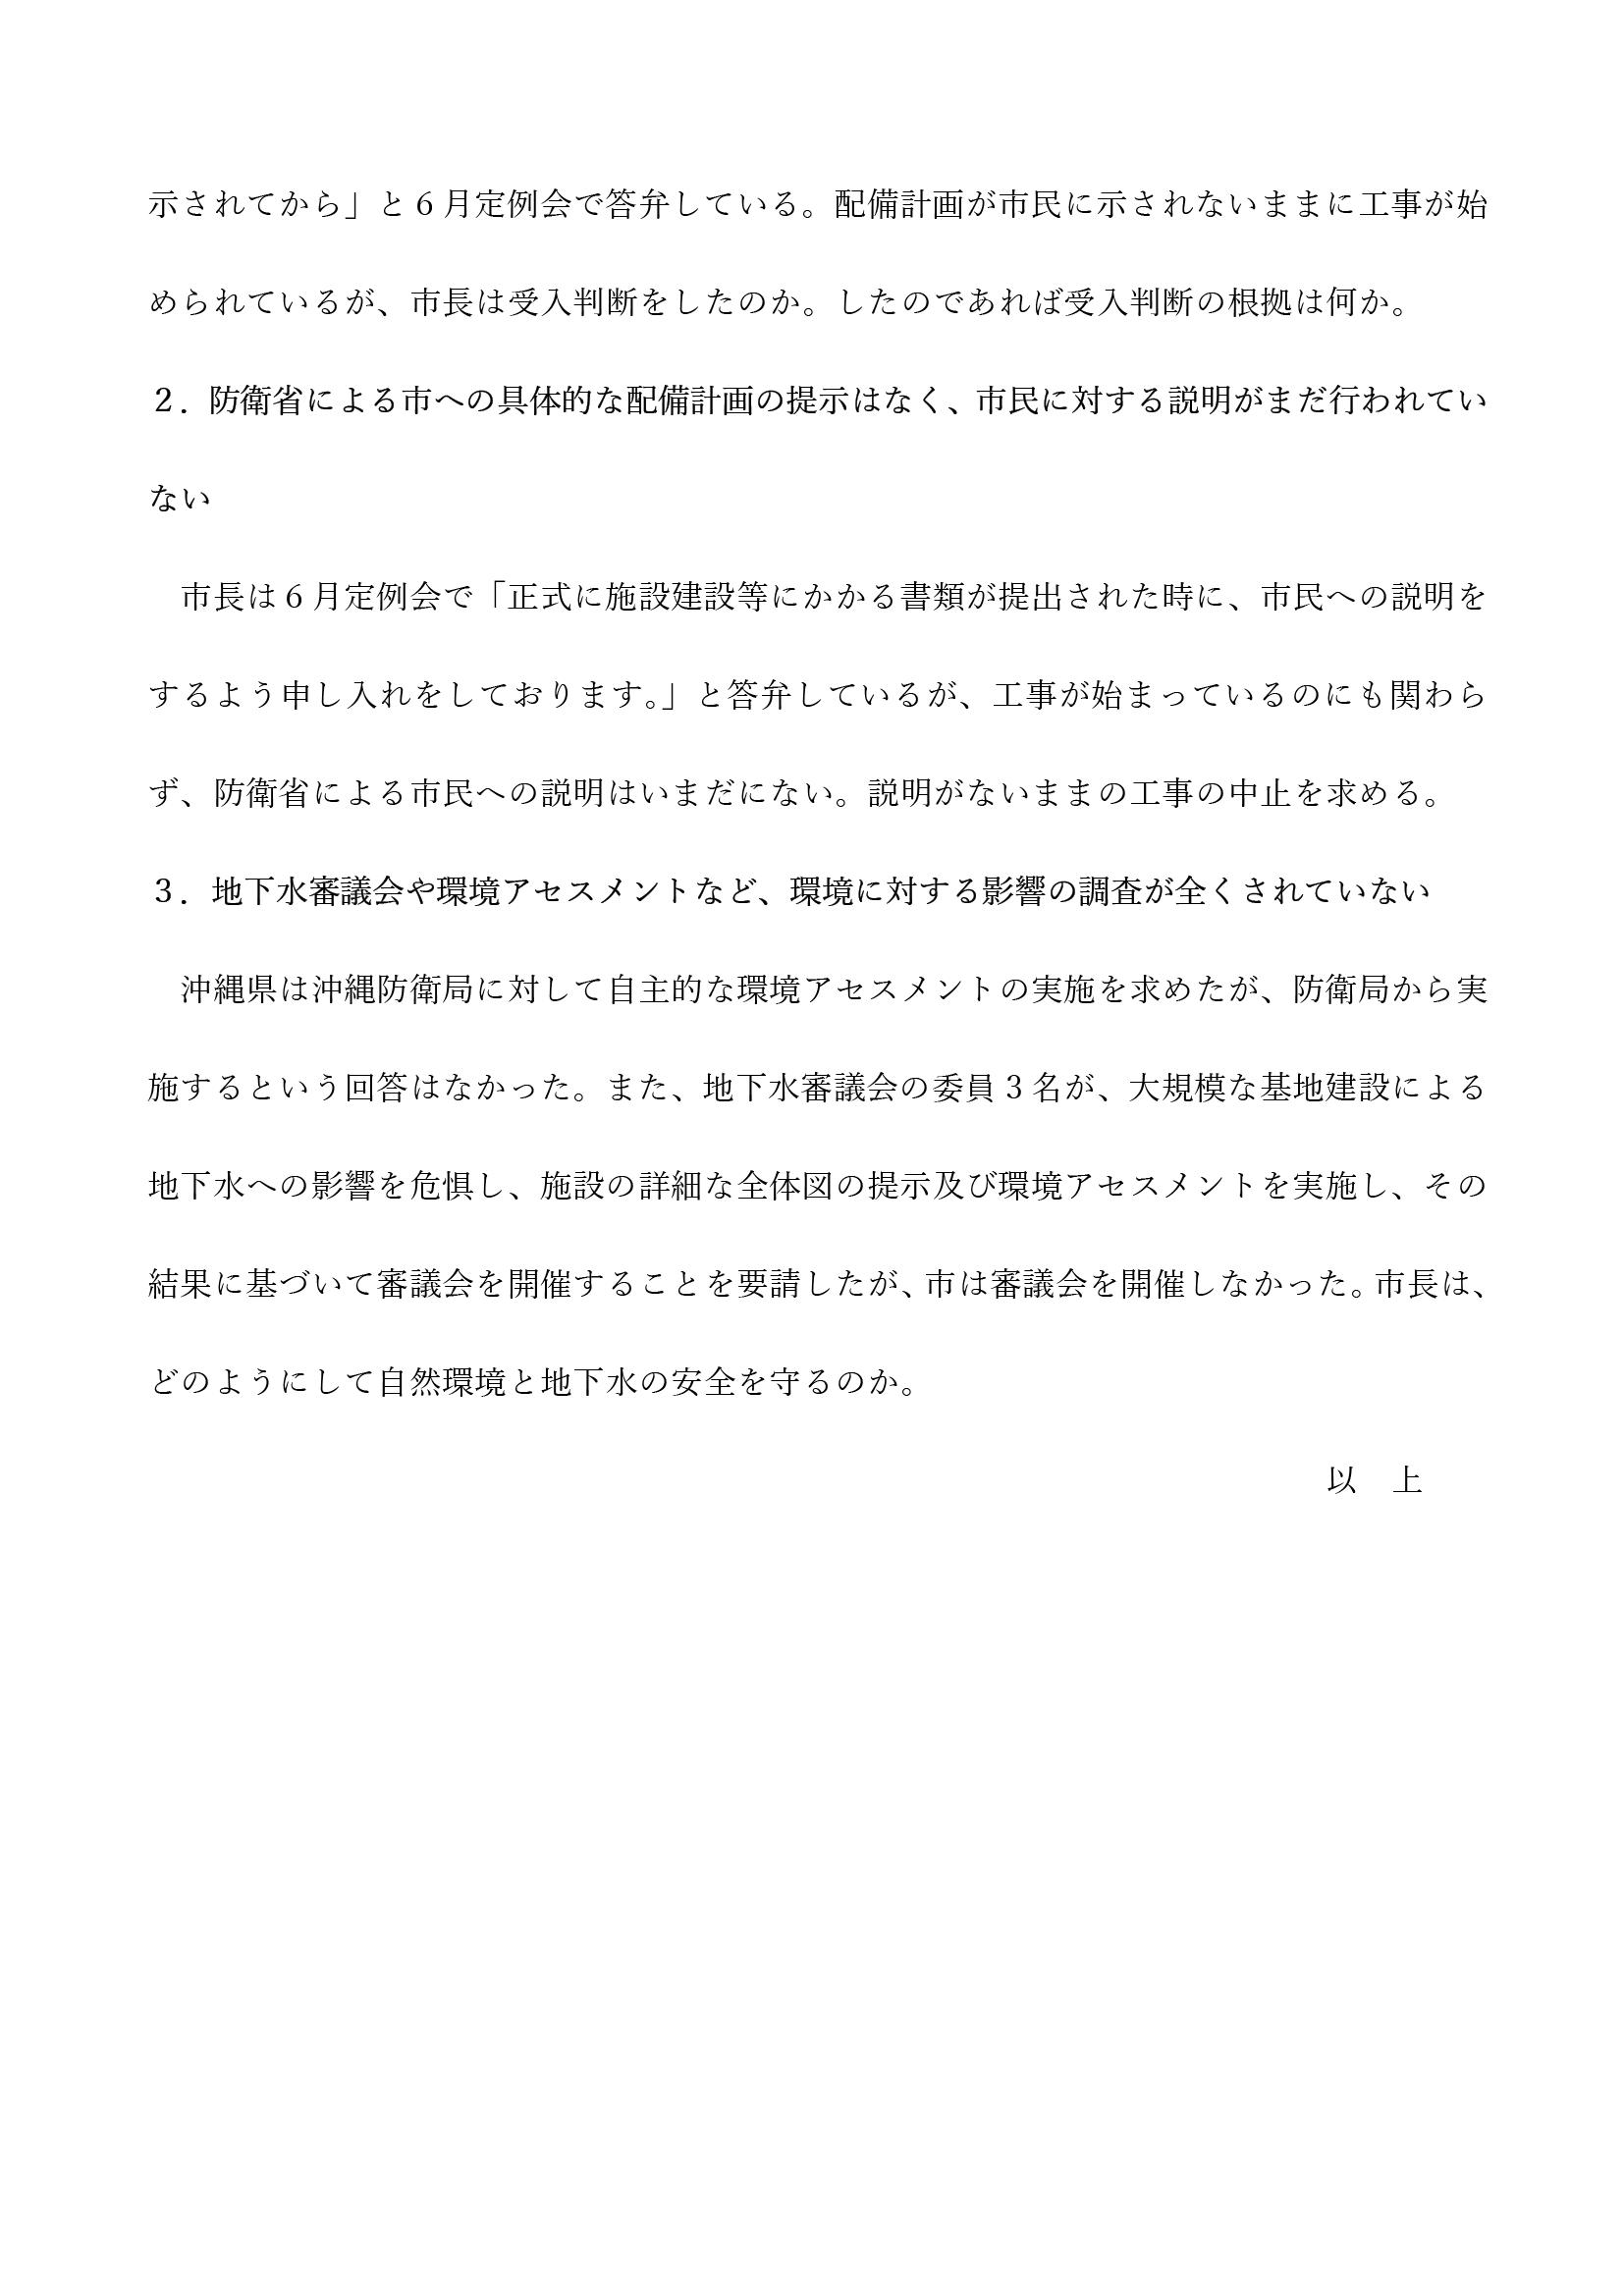 2017 1110抗議要請文02